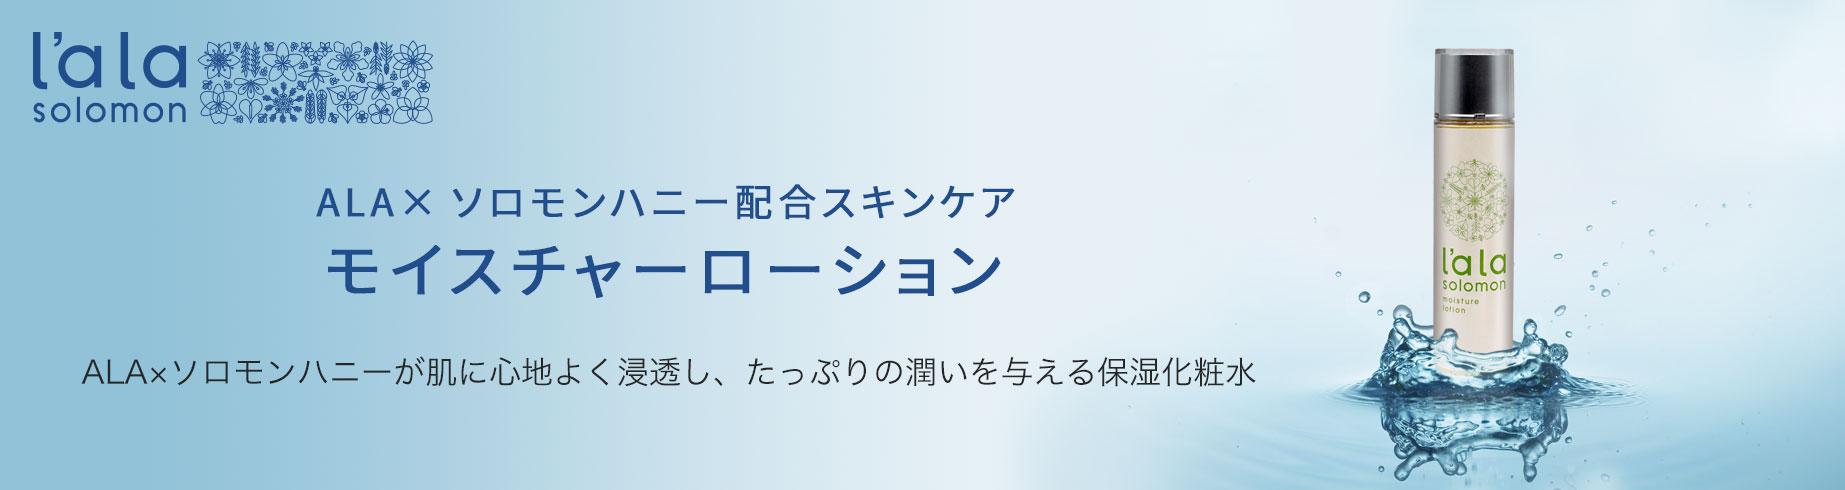 ララ・ソロモン モイスチャーローション メイン画像